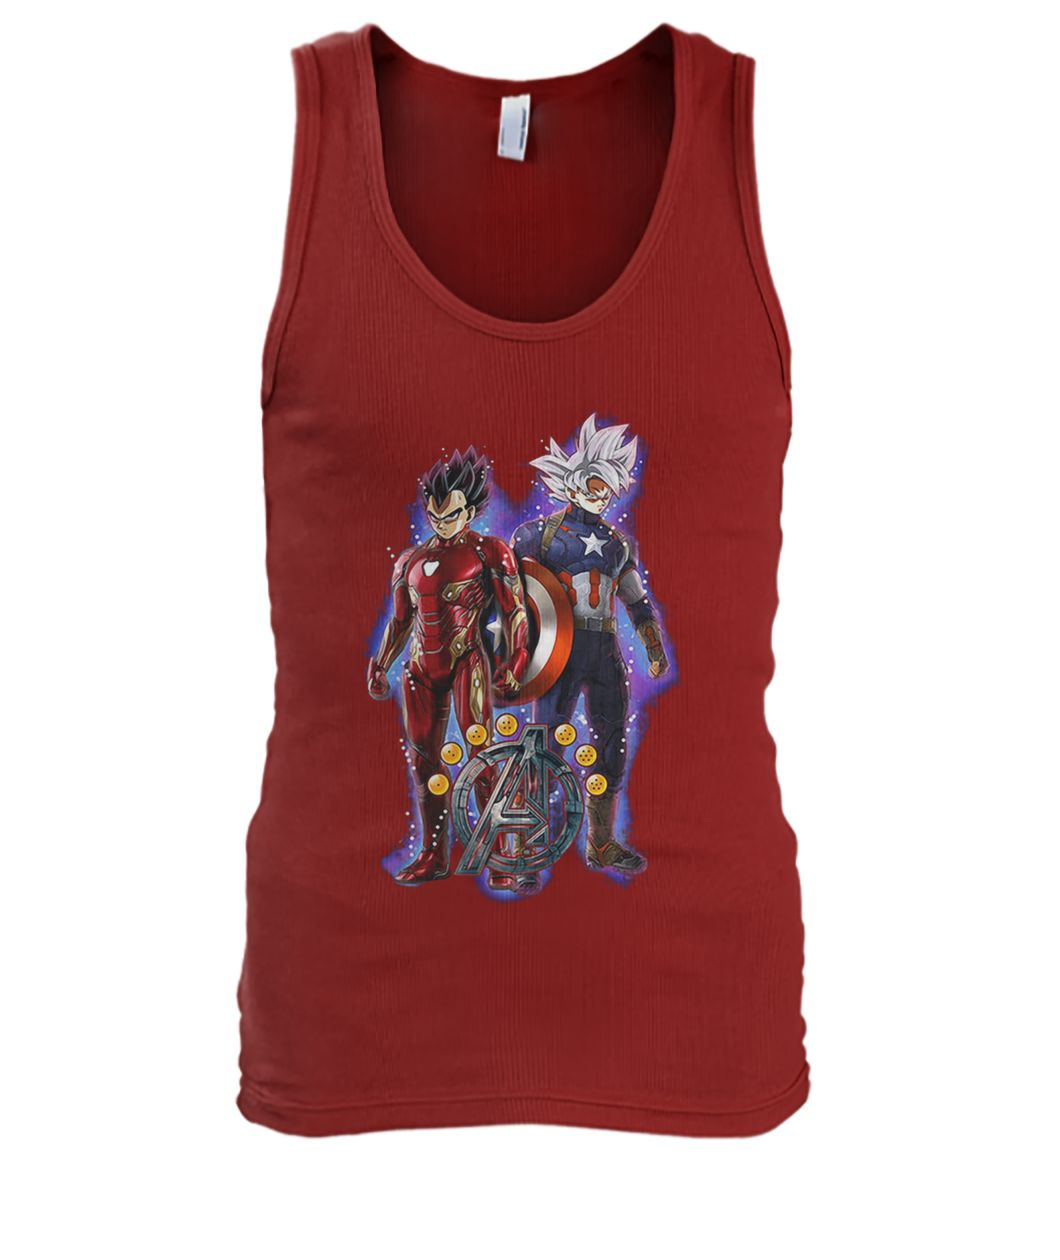 Songoku Vs Vegeta Dragon Ball Z Marvel Avengers Endgame Shirt